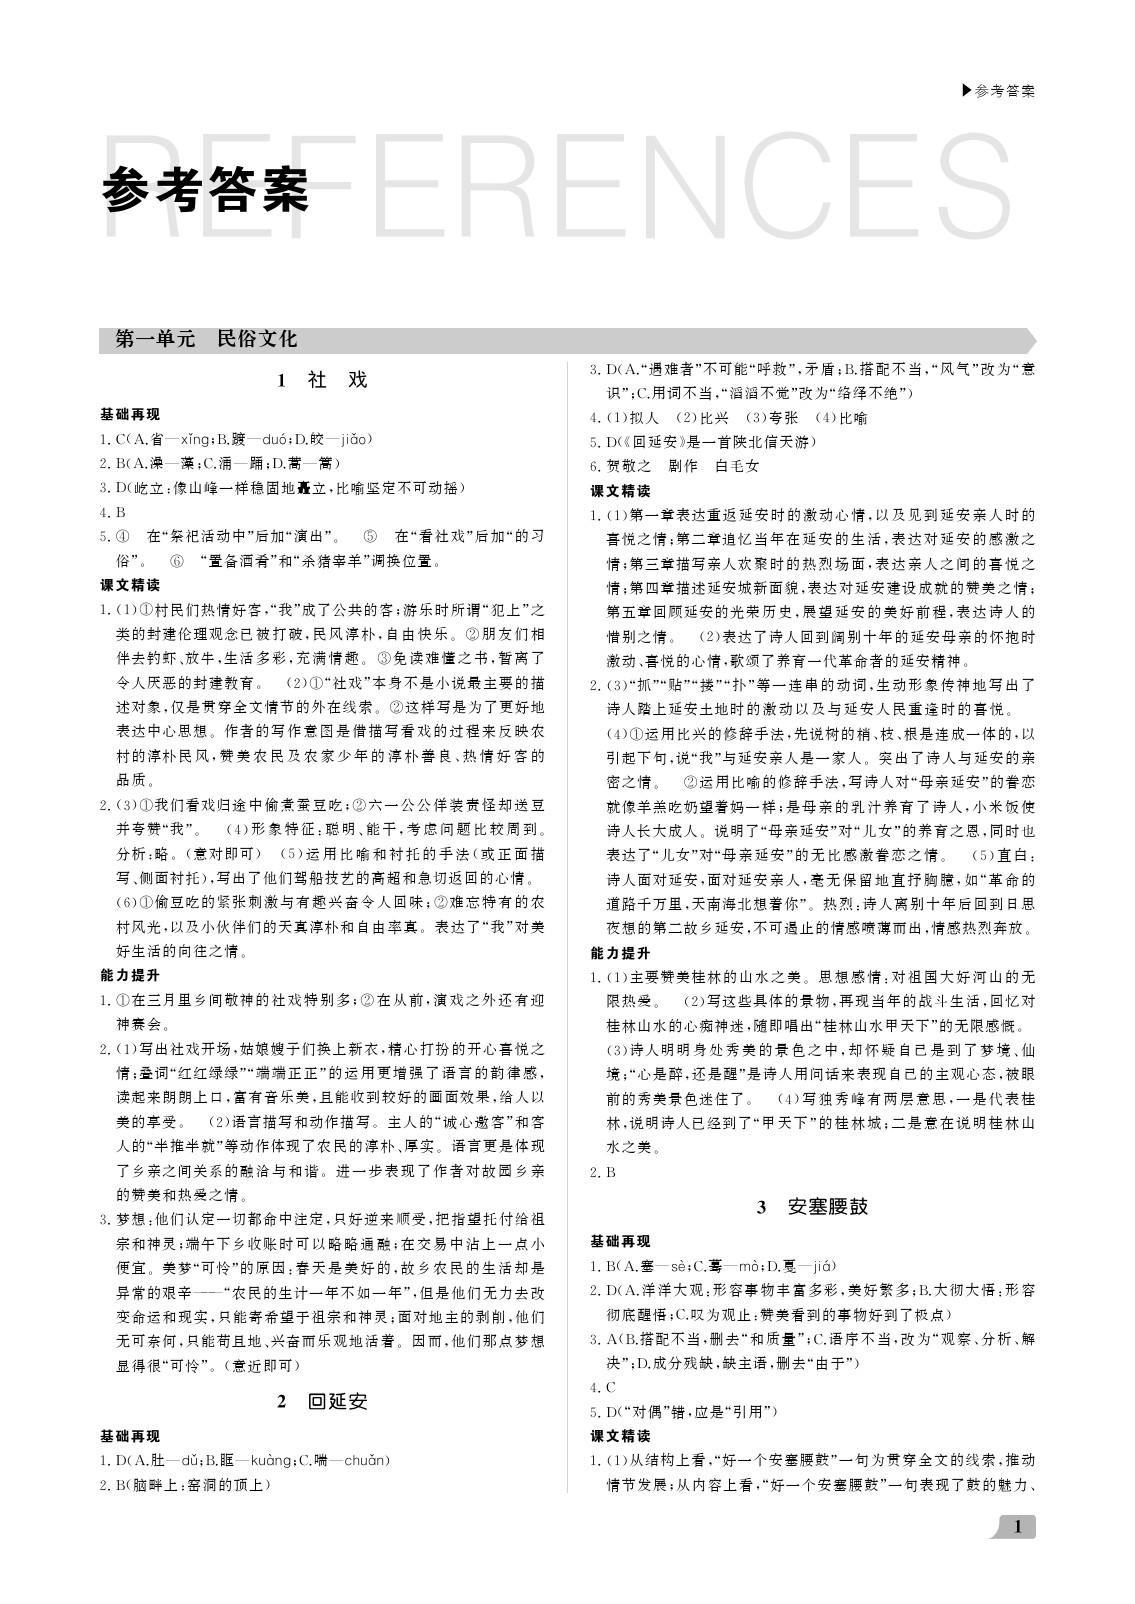 2020年超越训练八年级语文下册人教版参考答案第1页